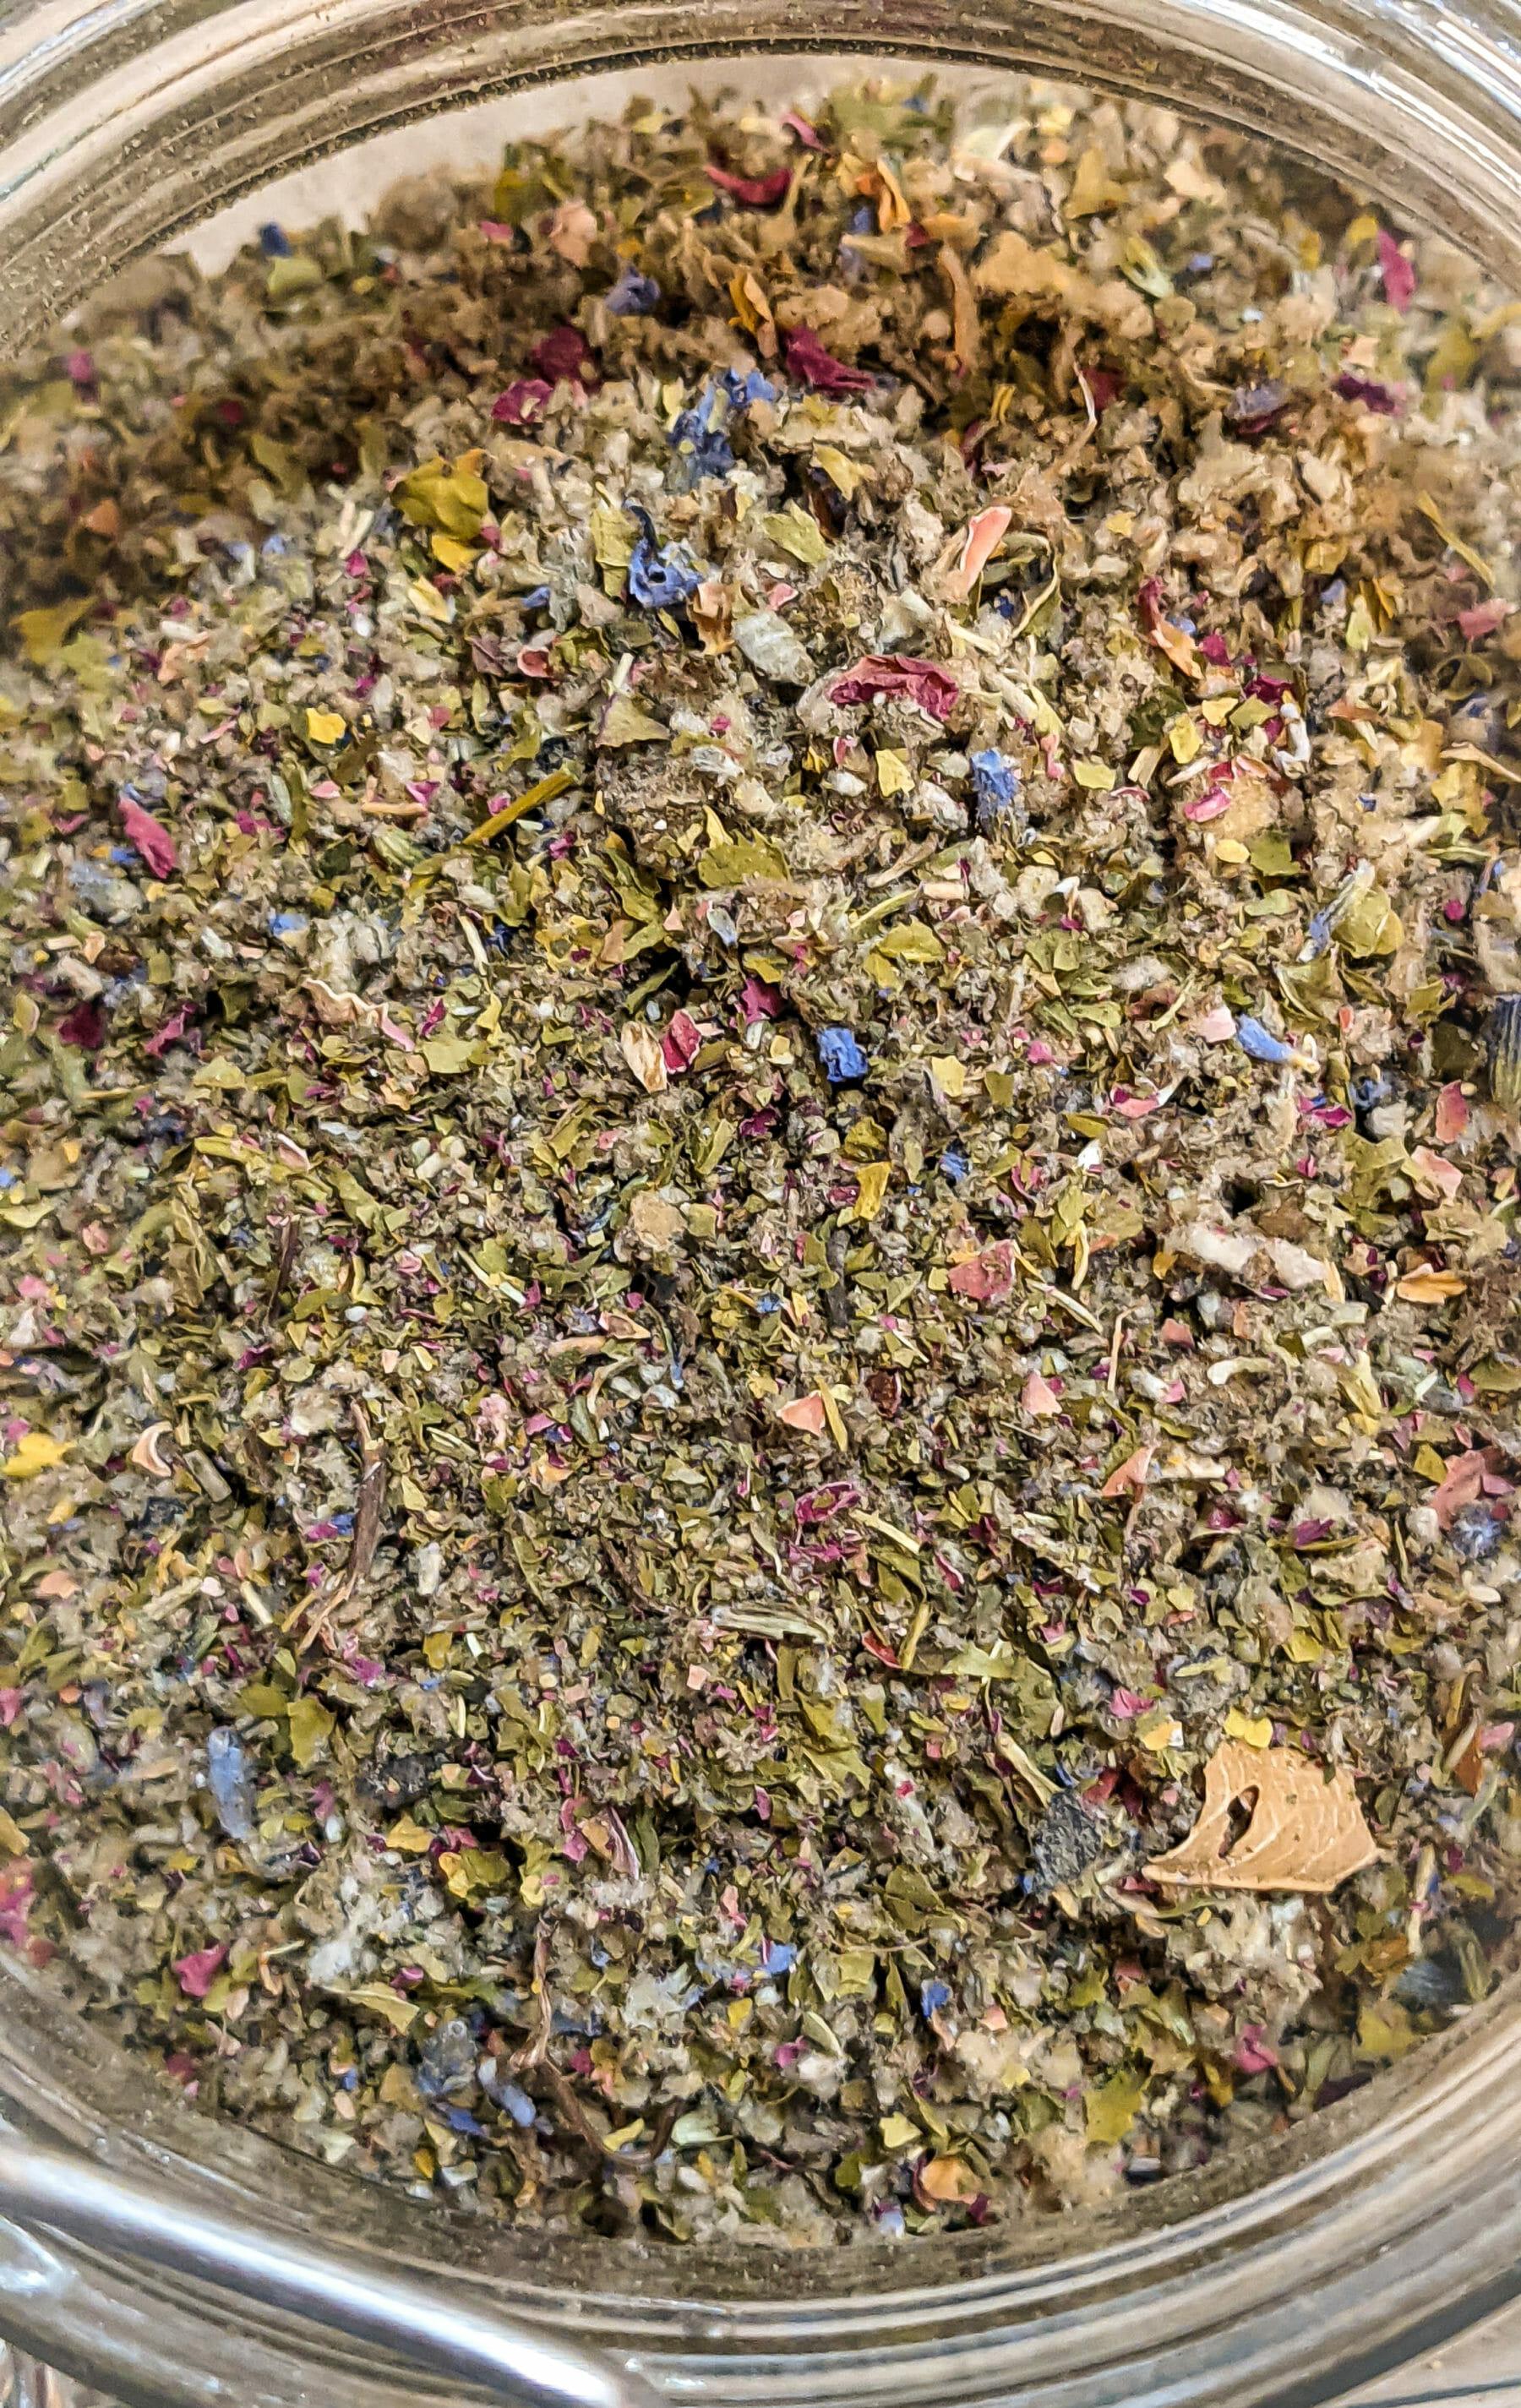 Organic Herbal Blend from Smokably - Mullein, Skullcap, Damiana, Lavender & Rose